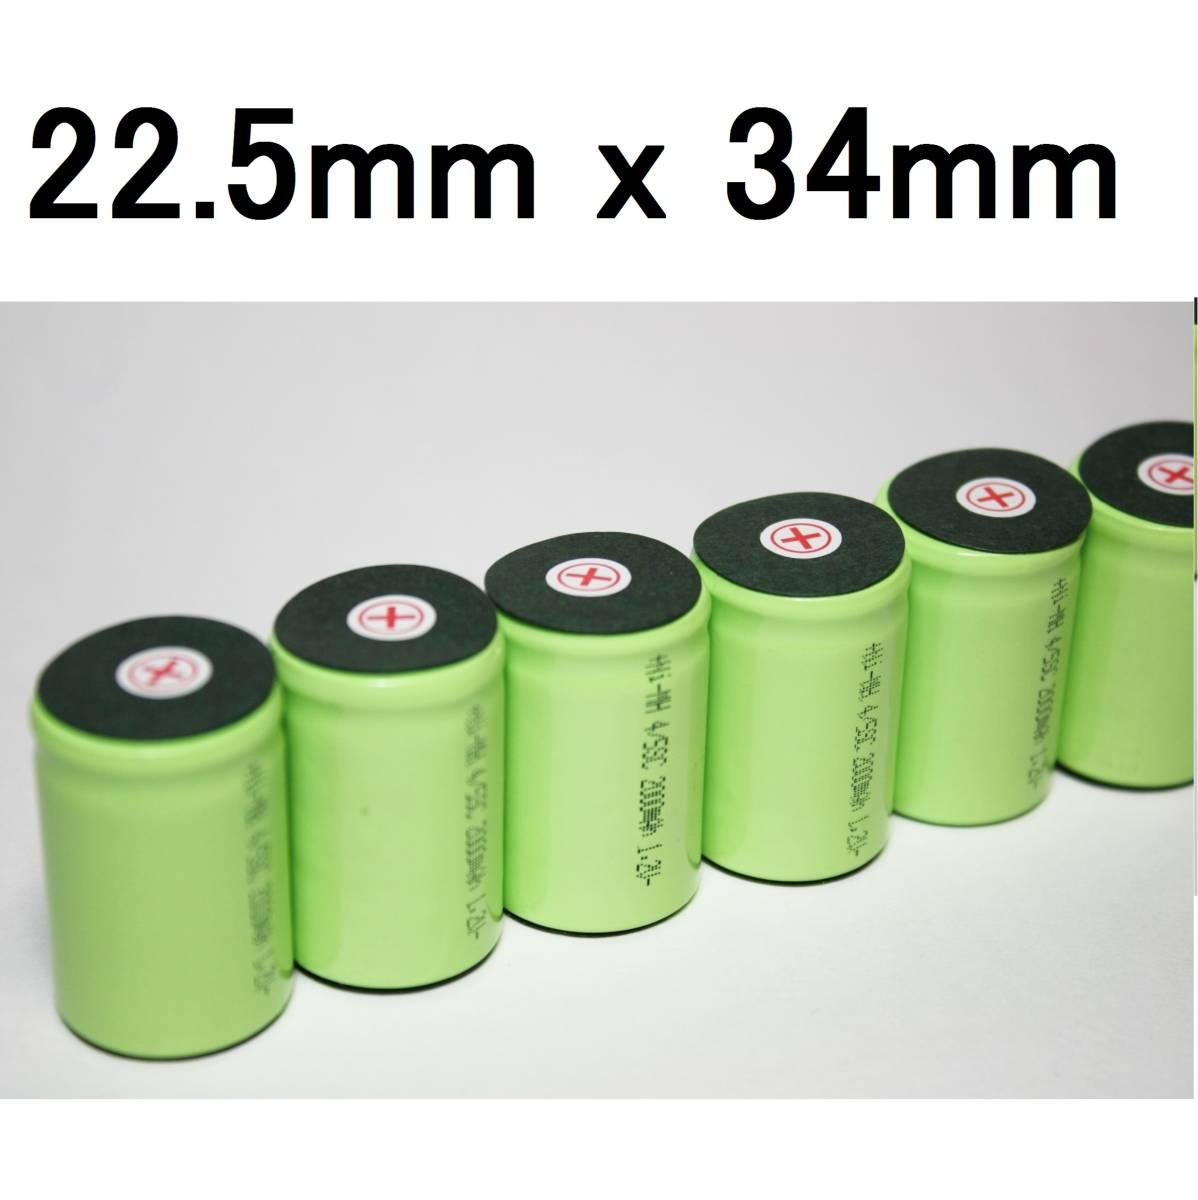 ★22.5x34mm NI-MH 4/5 SC ニッケル水素 セル タブ付 エアガン 電動ガン ドライバー ドリル 工具 掃除機 インパクト 充電池 バッテリー03_画像1